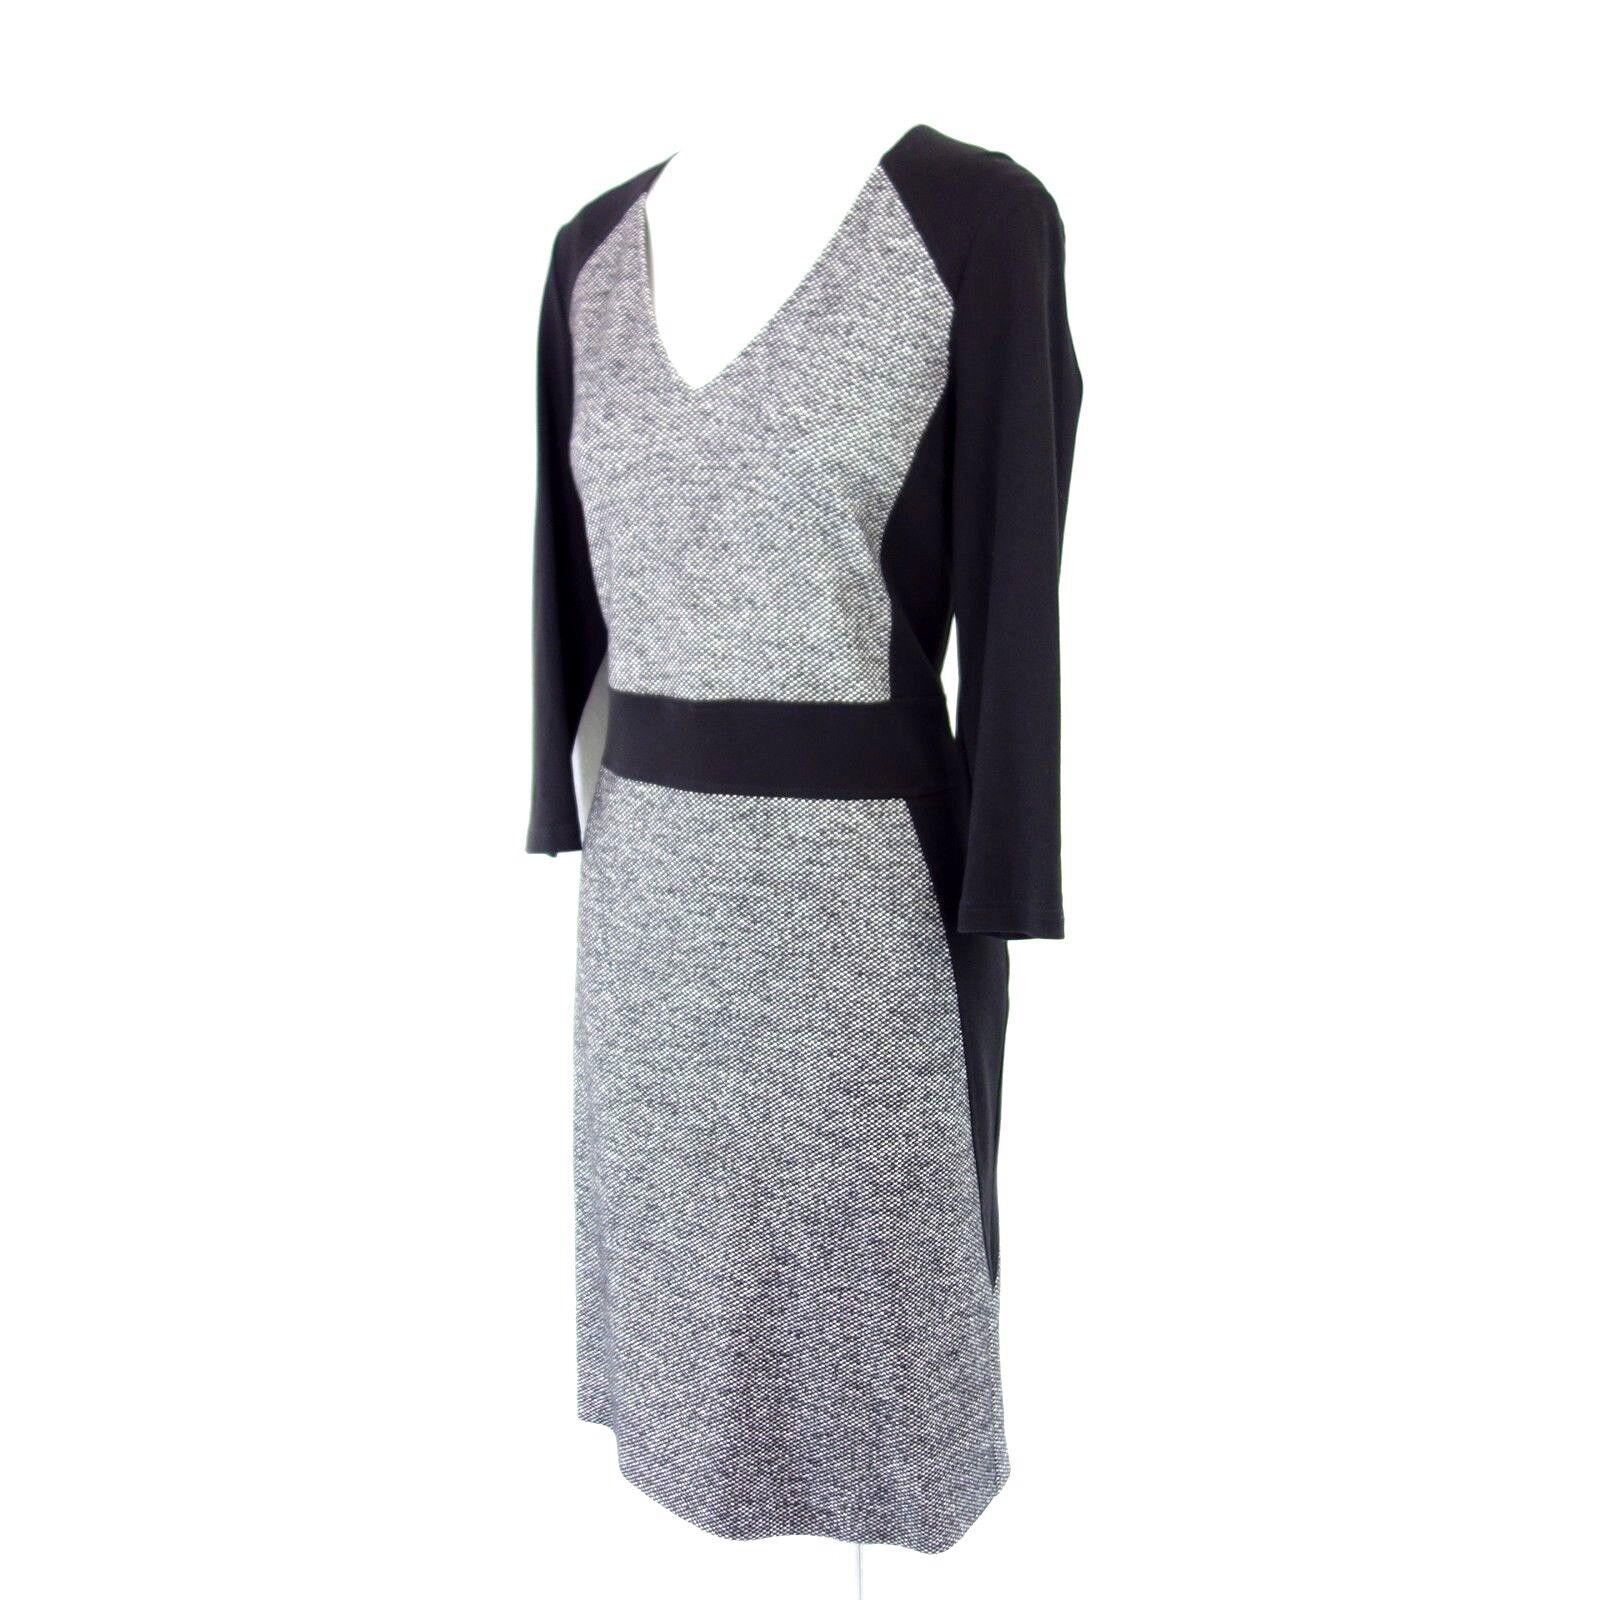 VABENE Damen Kleid 38 Schwarz Weiß Muster Etuikleid Langarm mit Wolle NP 179 NEU